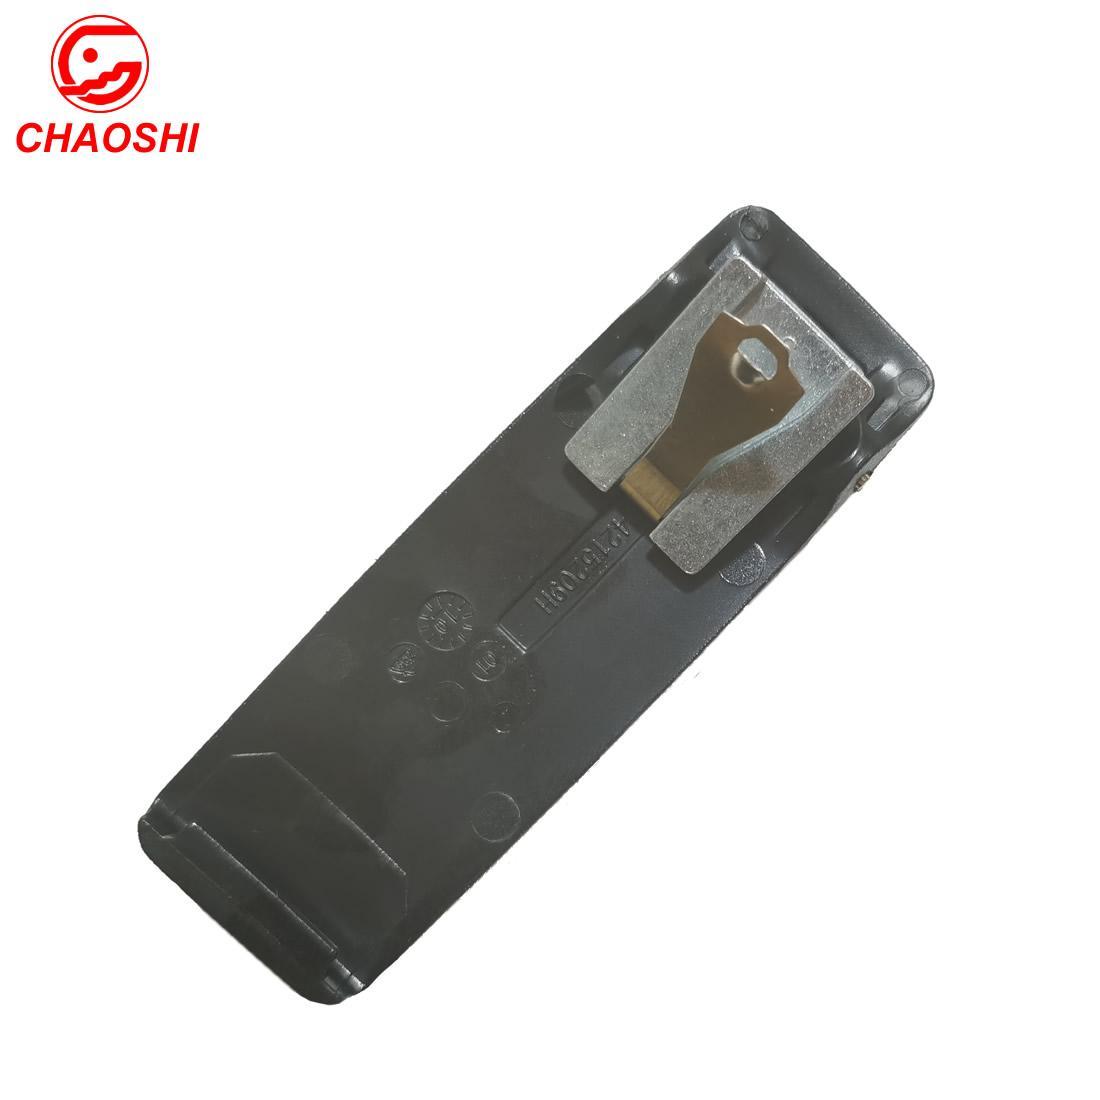 对讲机电池后夹PMLN4652 5